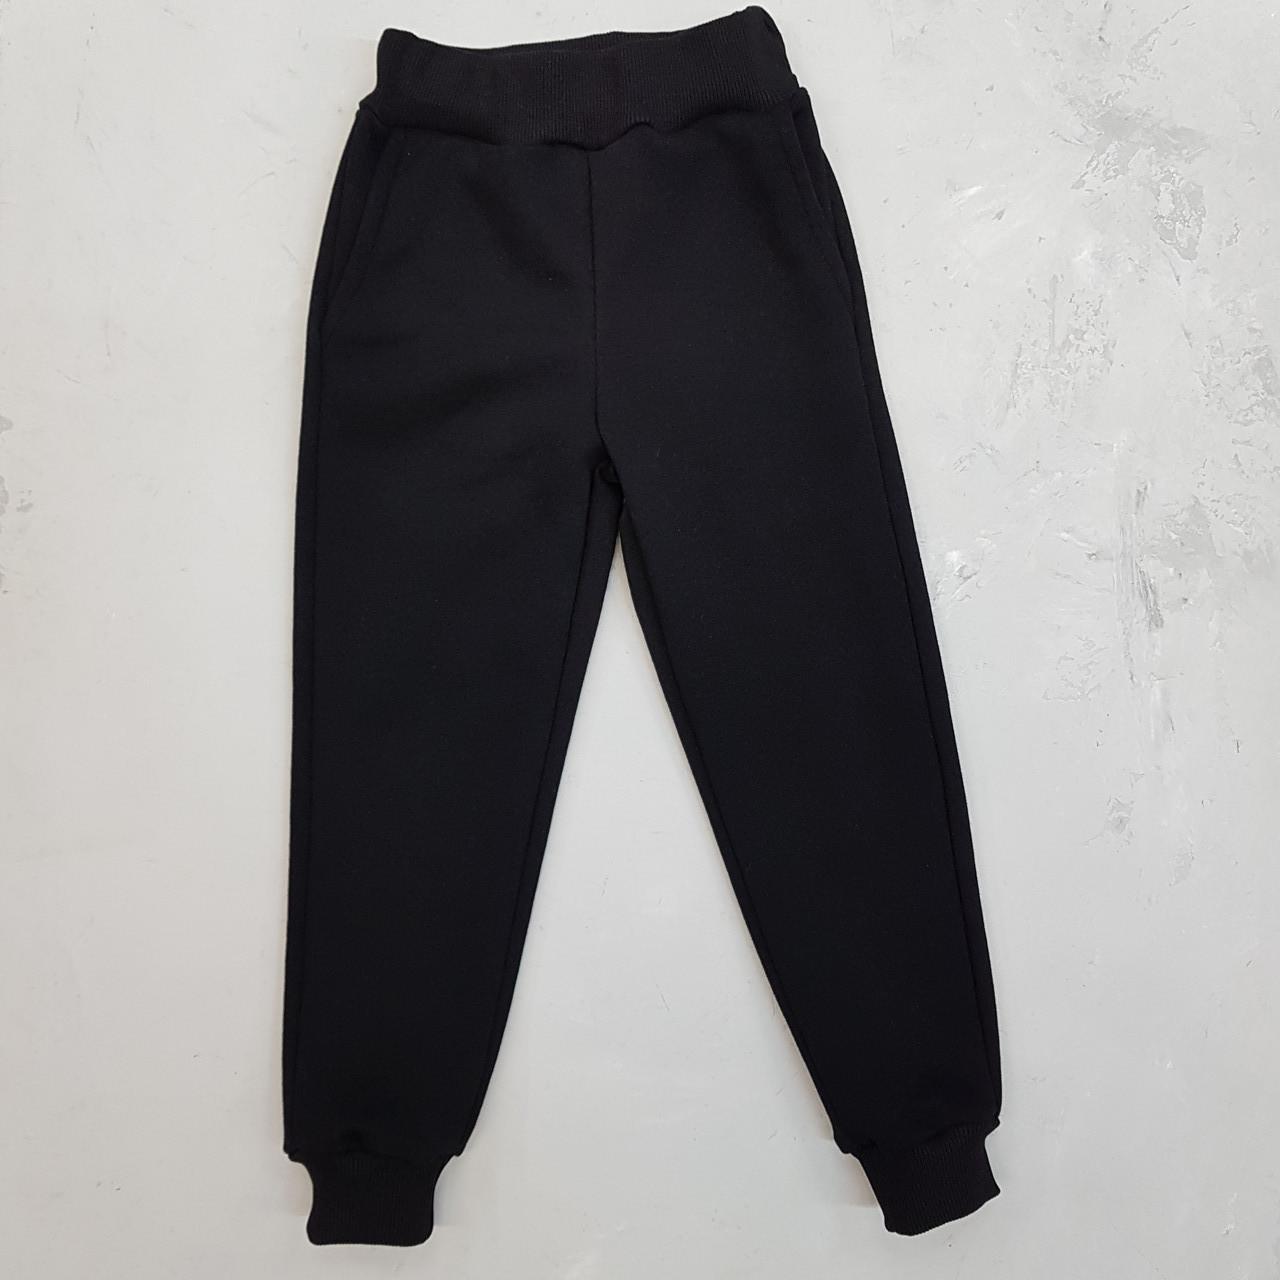 Спортивные брюки трёхнить чёрные